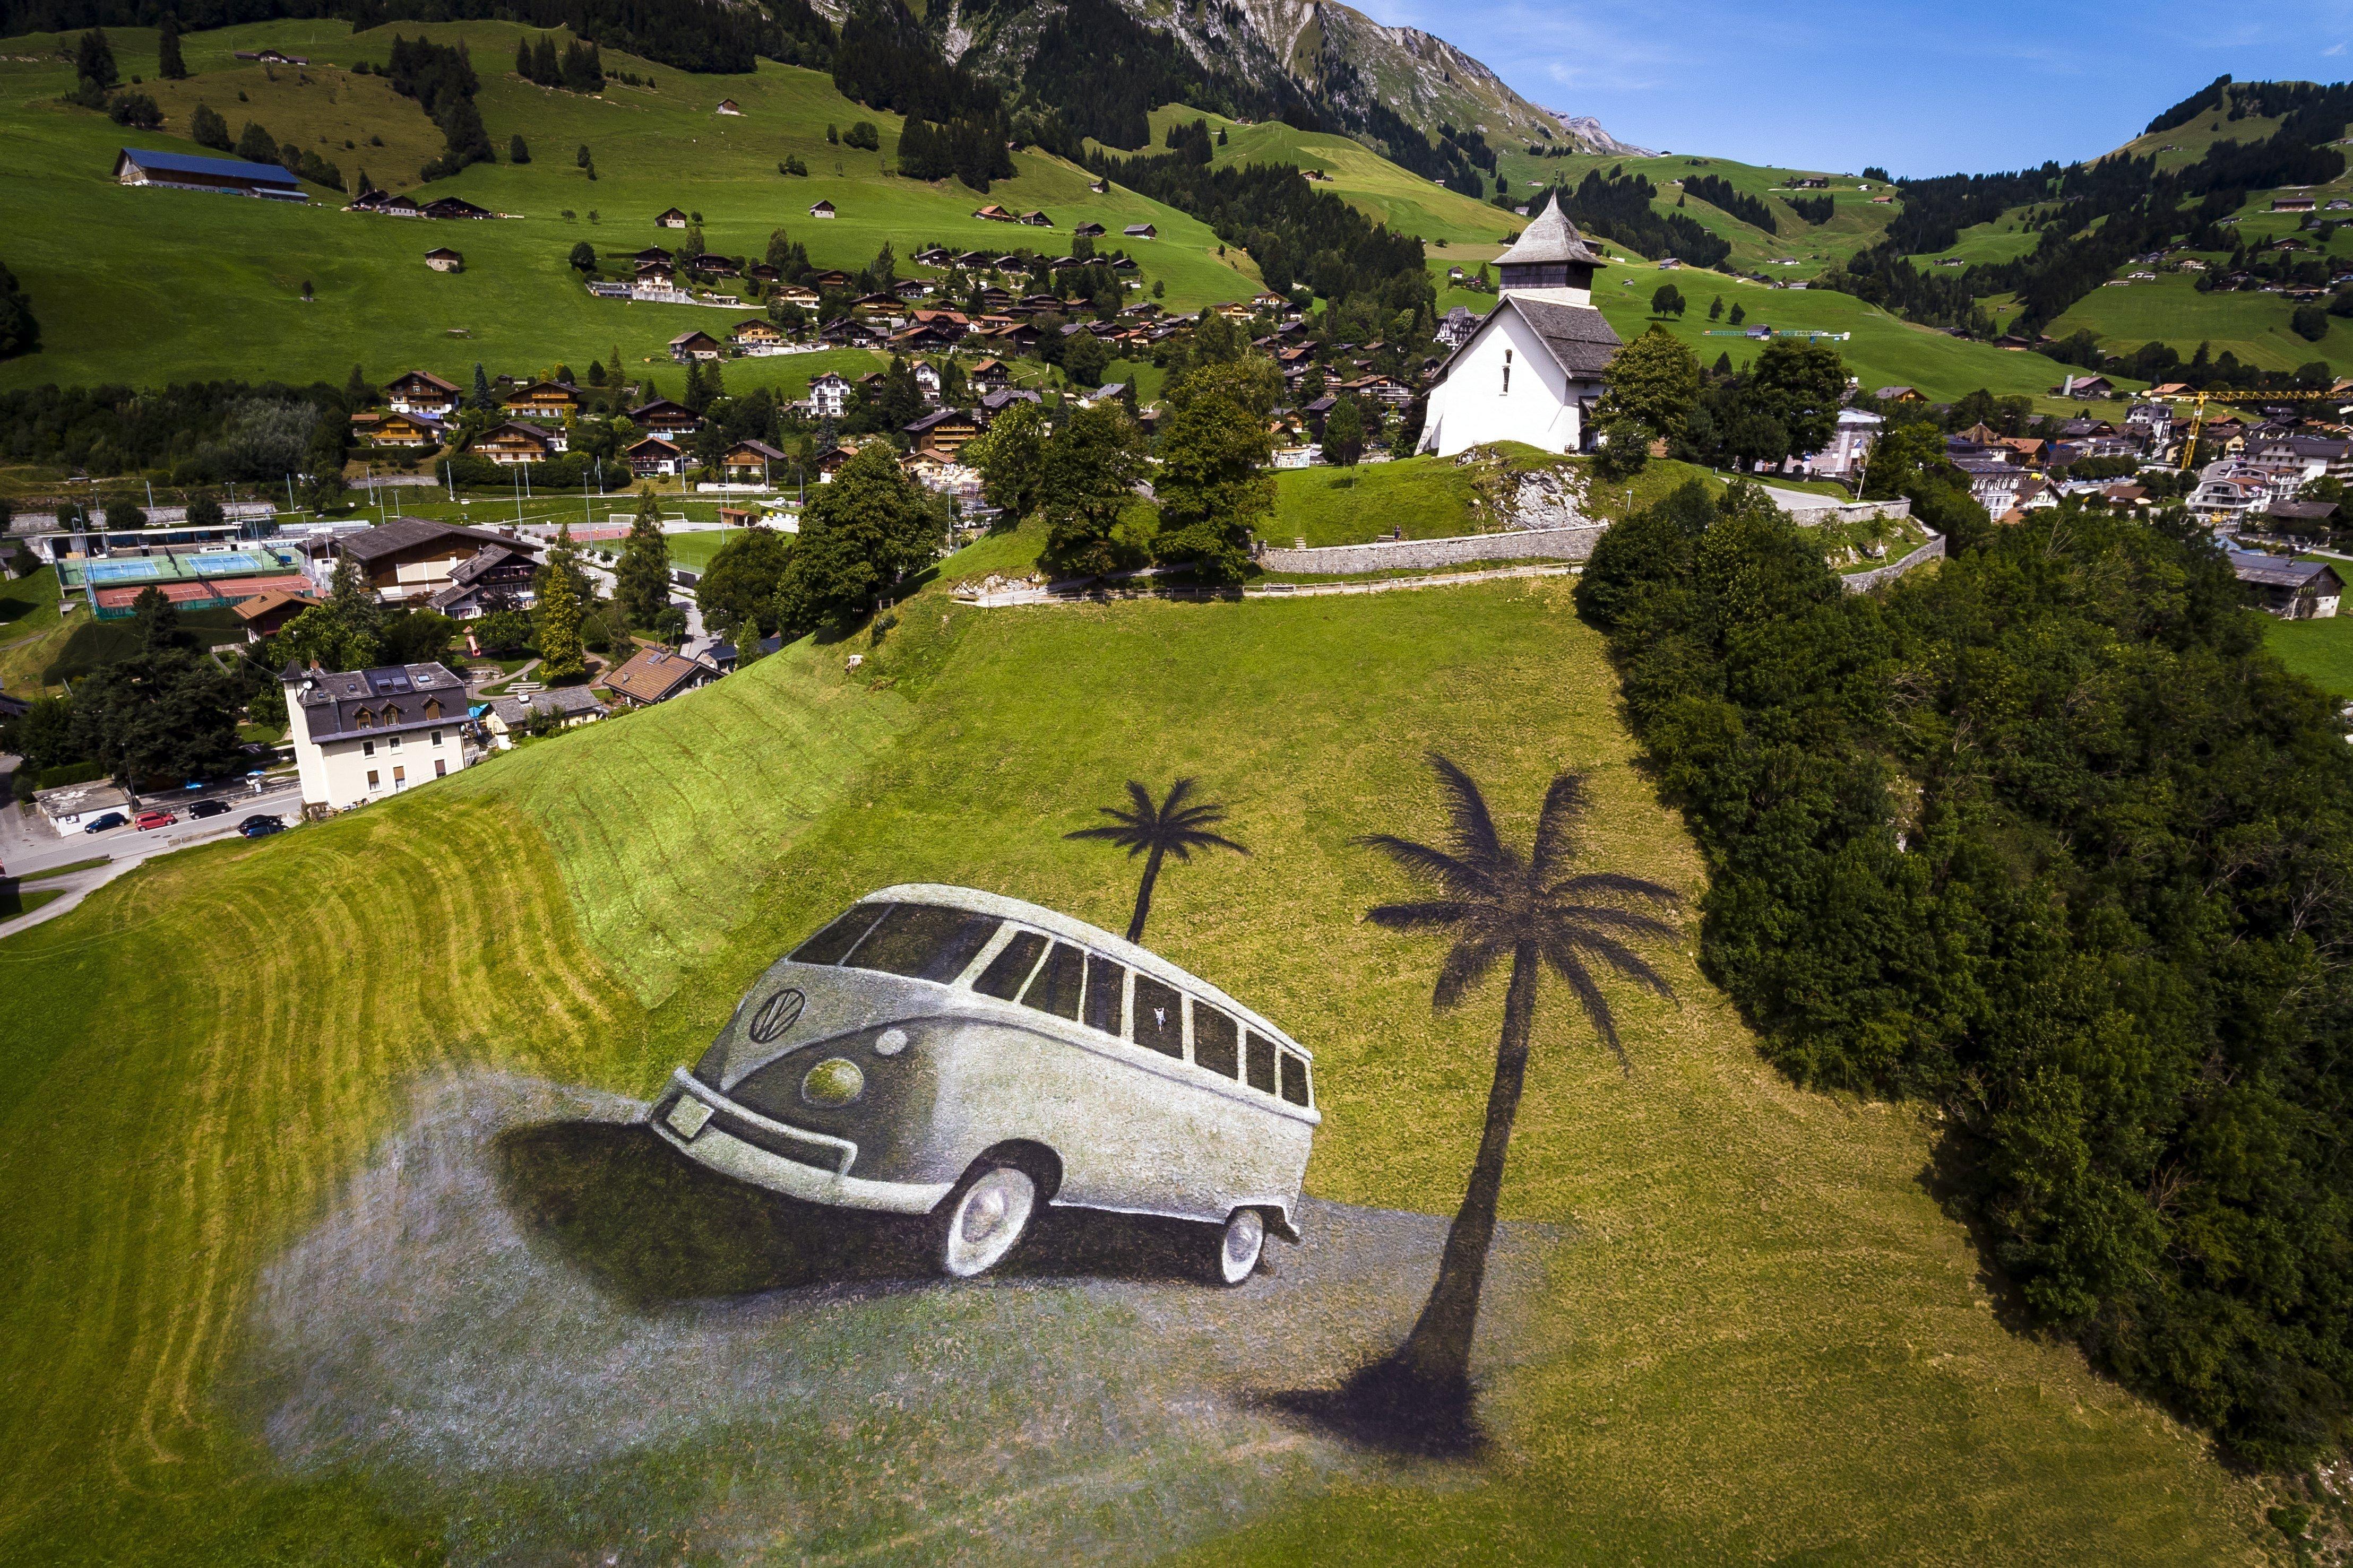 Vista aèria d'una pintura de l'artista francès Saype d'una furgoneta Volkswagen a Chateaux d'Oex, a Suïssa. L'obra cobreix aproximadament 4.200 metres quadrats i es va realitzar amb 400 litres de pintura biodegradable feta amb pigments naturals, i forma part de la propera 20a edició del festival internacional VW./Valentin Flauraud